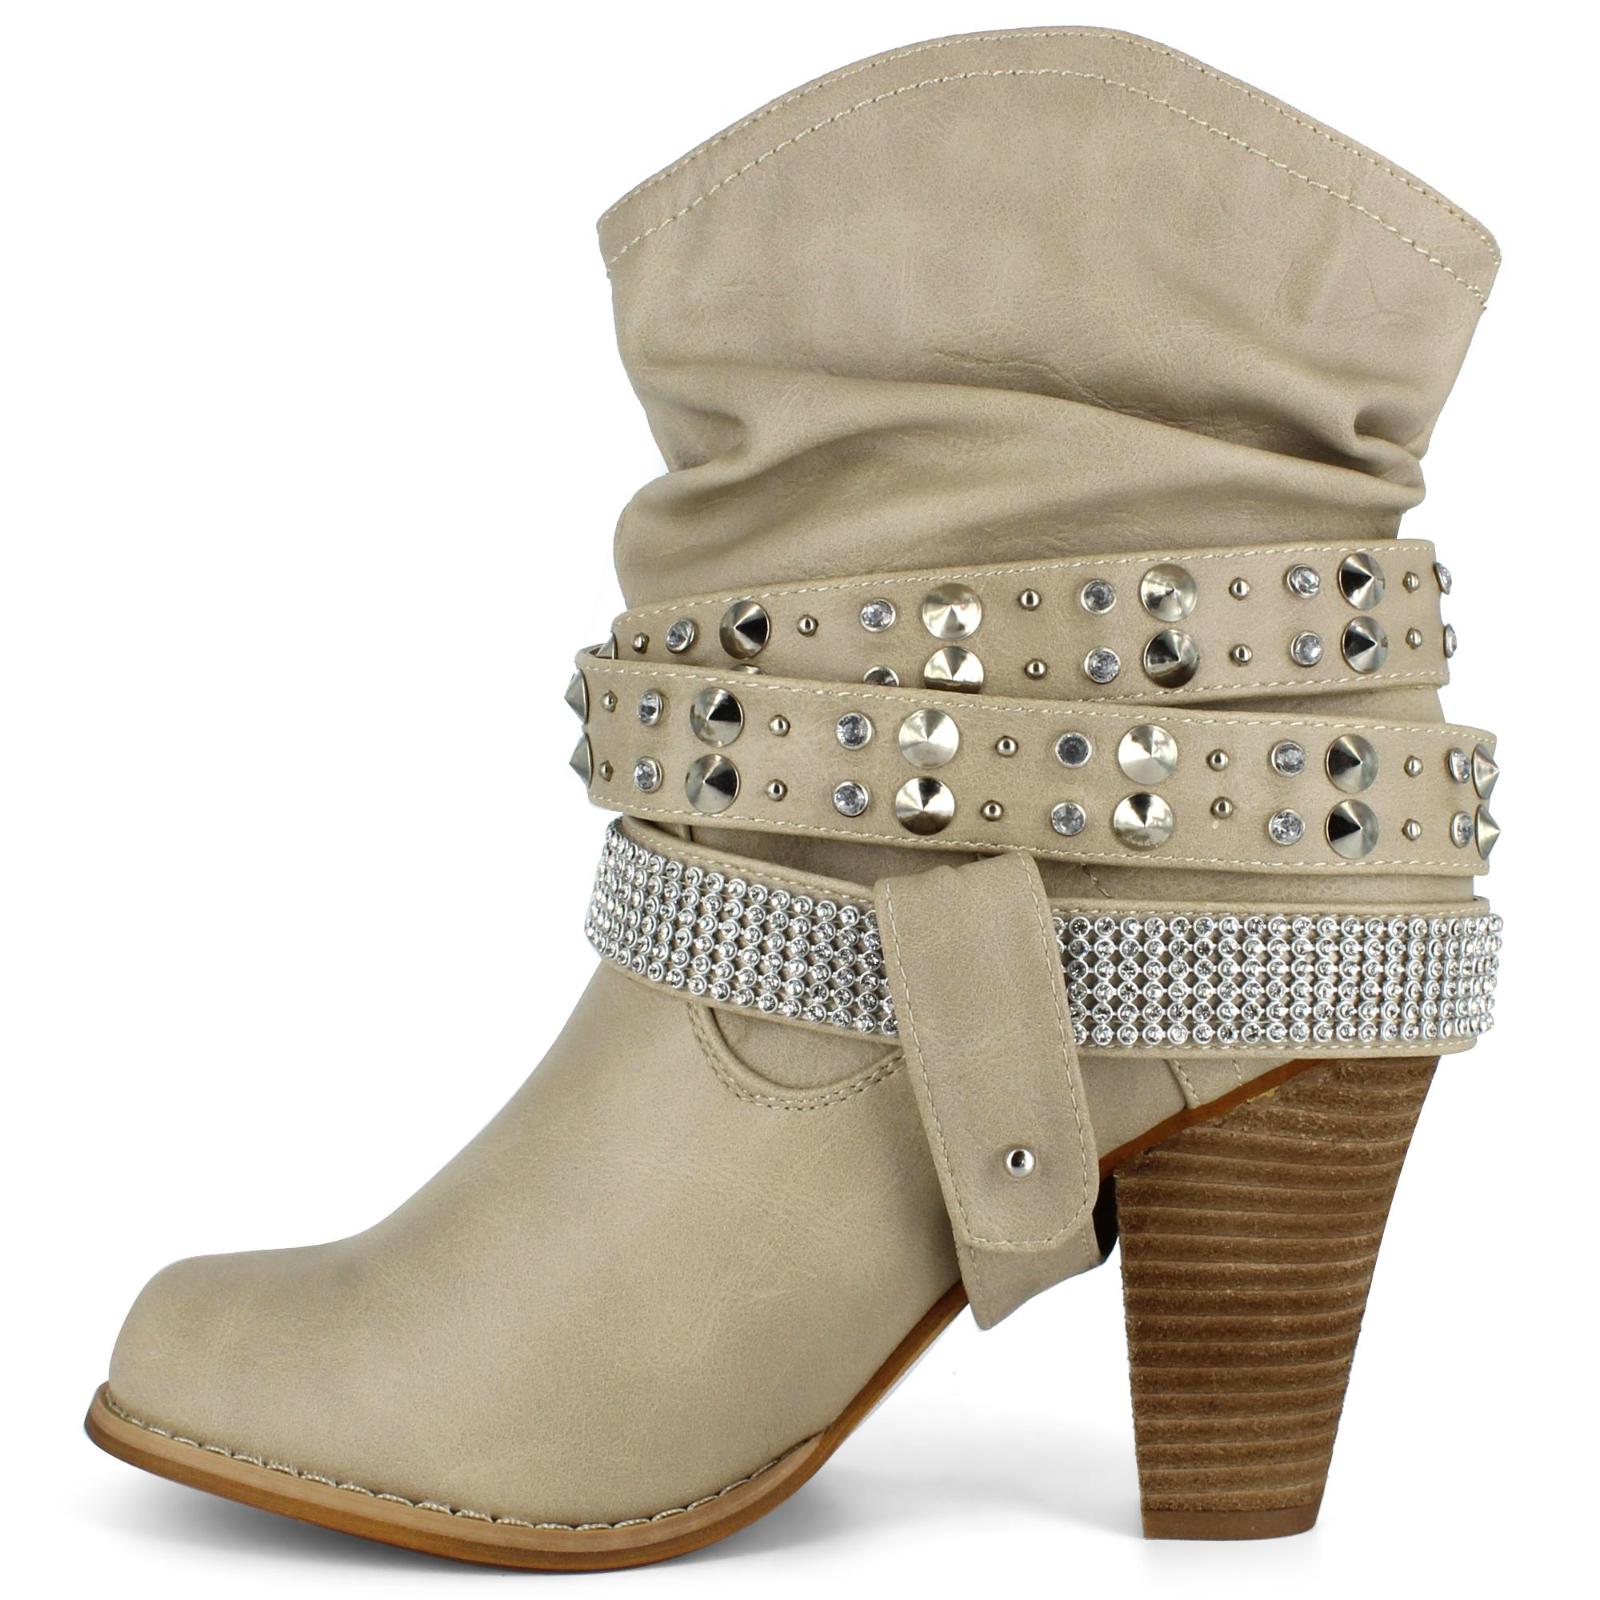 Damens's Bootie Dolce Bundles Bootie Damens's Ivory Größe 10 #NJZU6-592 959423